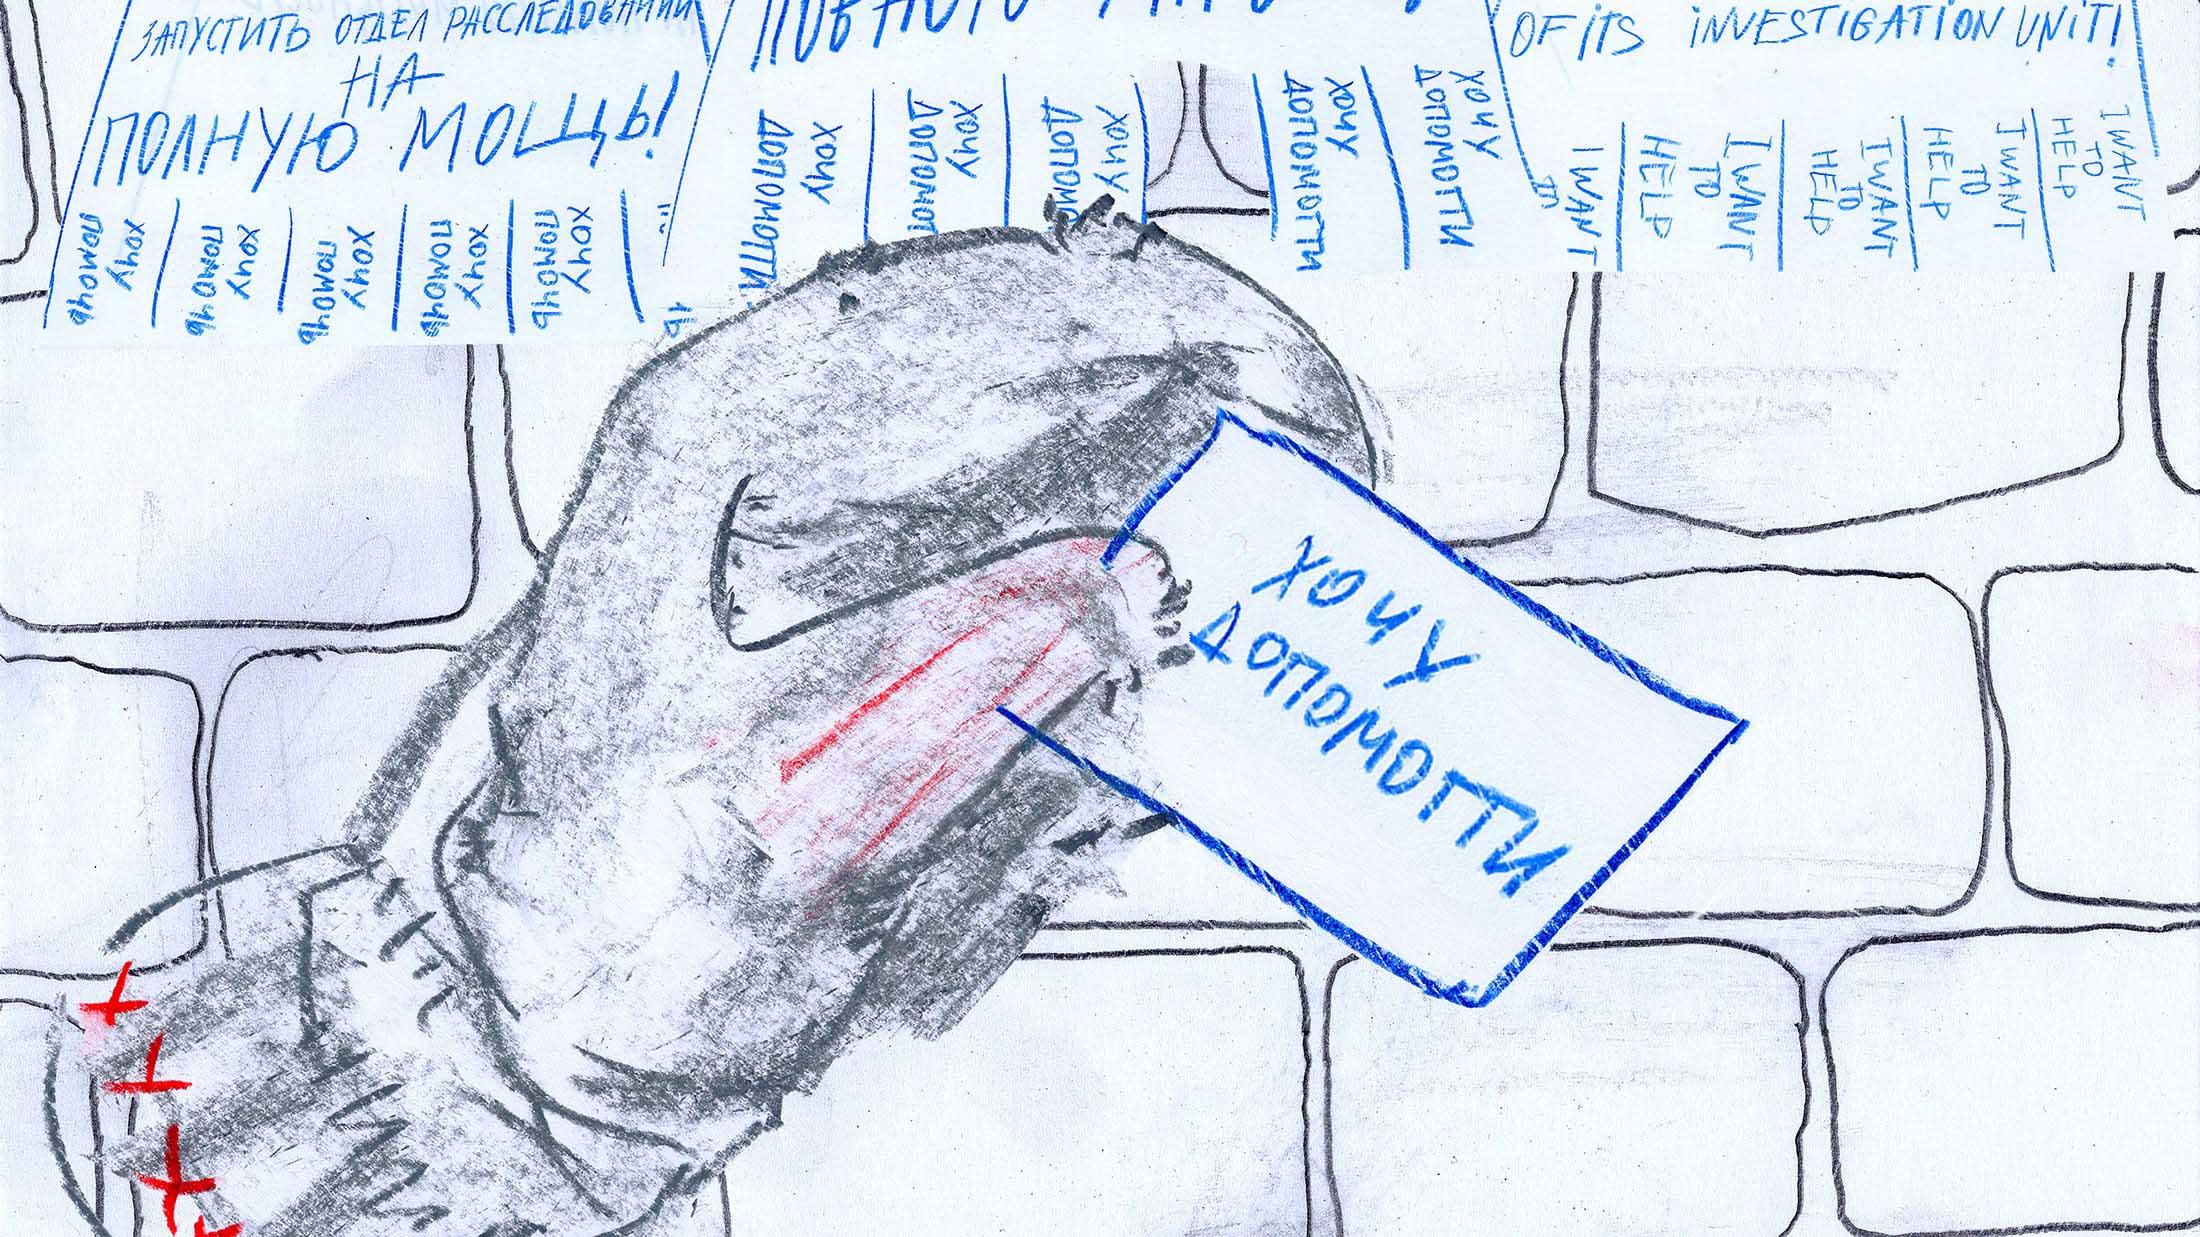 012 1 - <b>100 000 гривень за 25 днів</b> Допоможіть Забороні запустити відділ розслідувань повною мірою! - Заборона